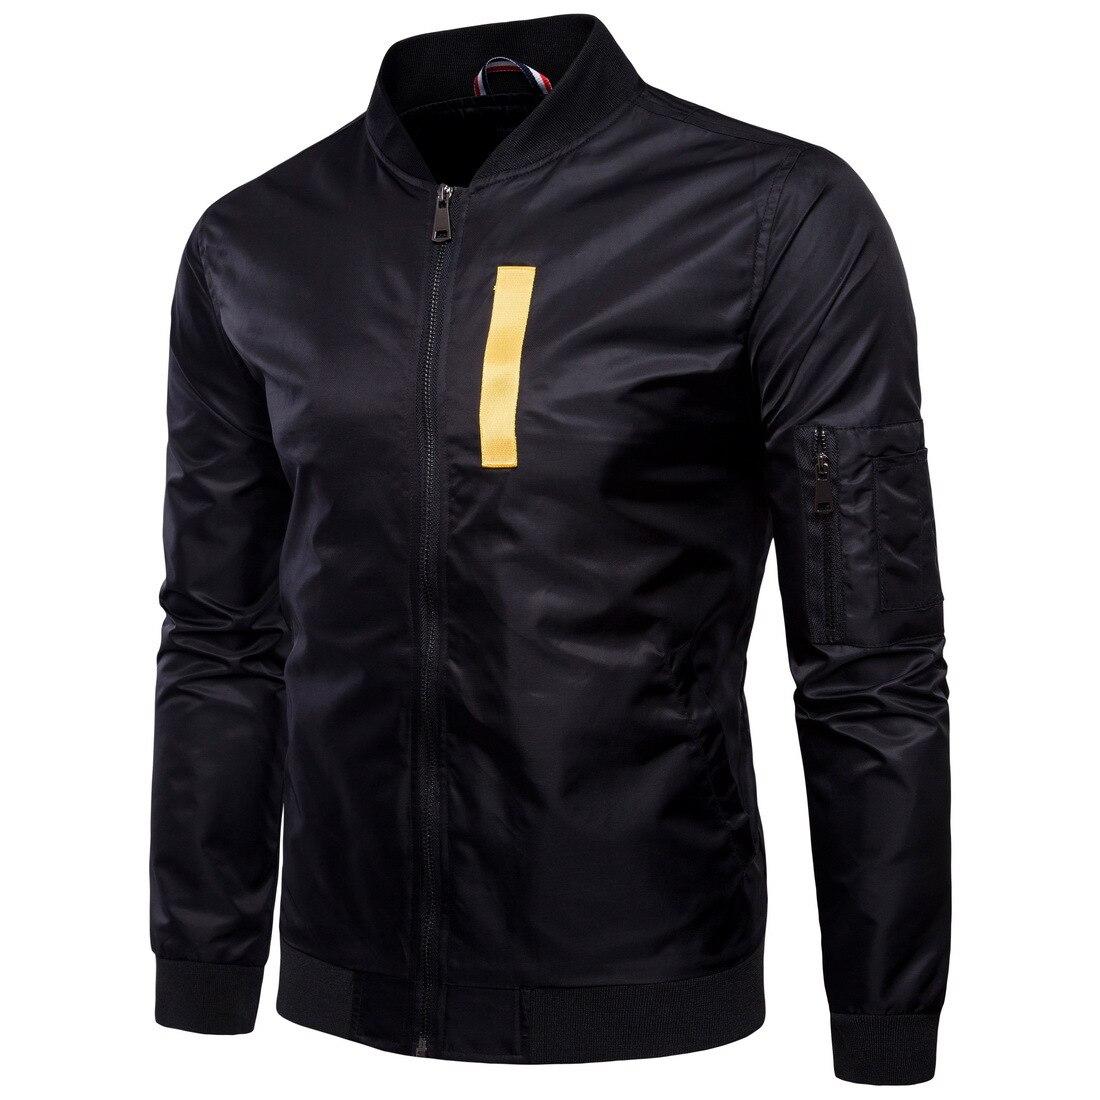 2018 automne varsité veste hommes à manches longues vestes de Baseball solide noir avec des rubans décoration hommes Bomber veste Street Fashion